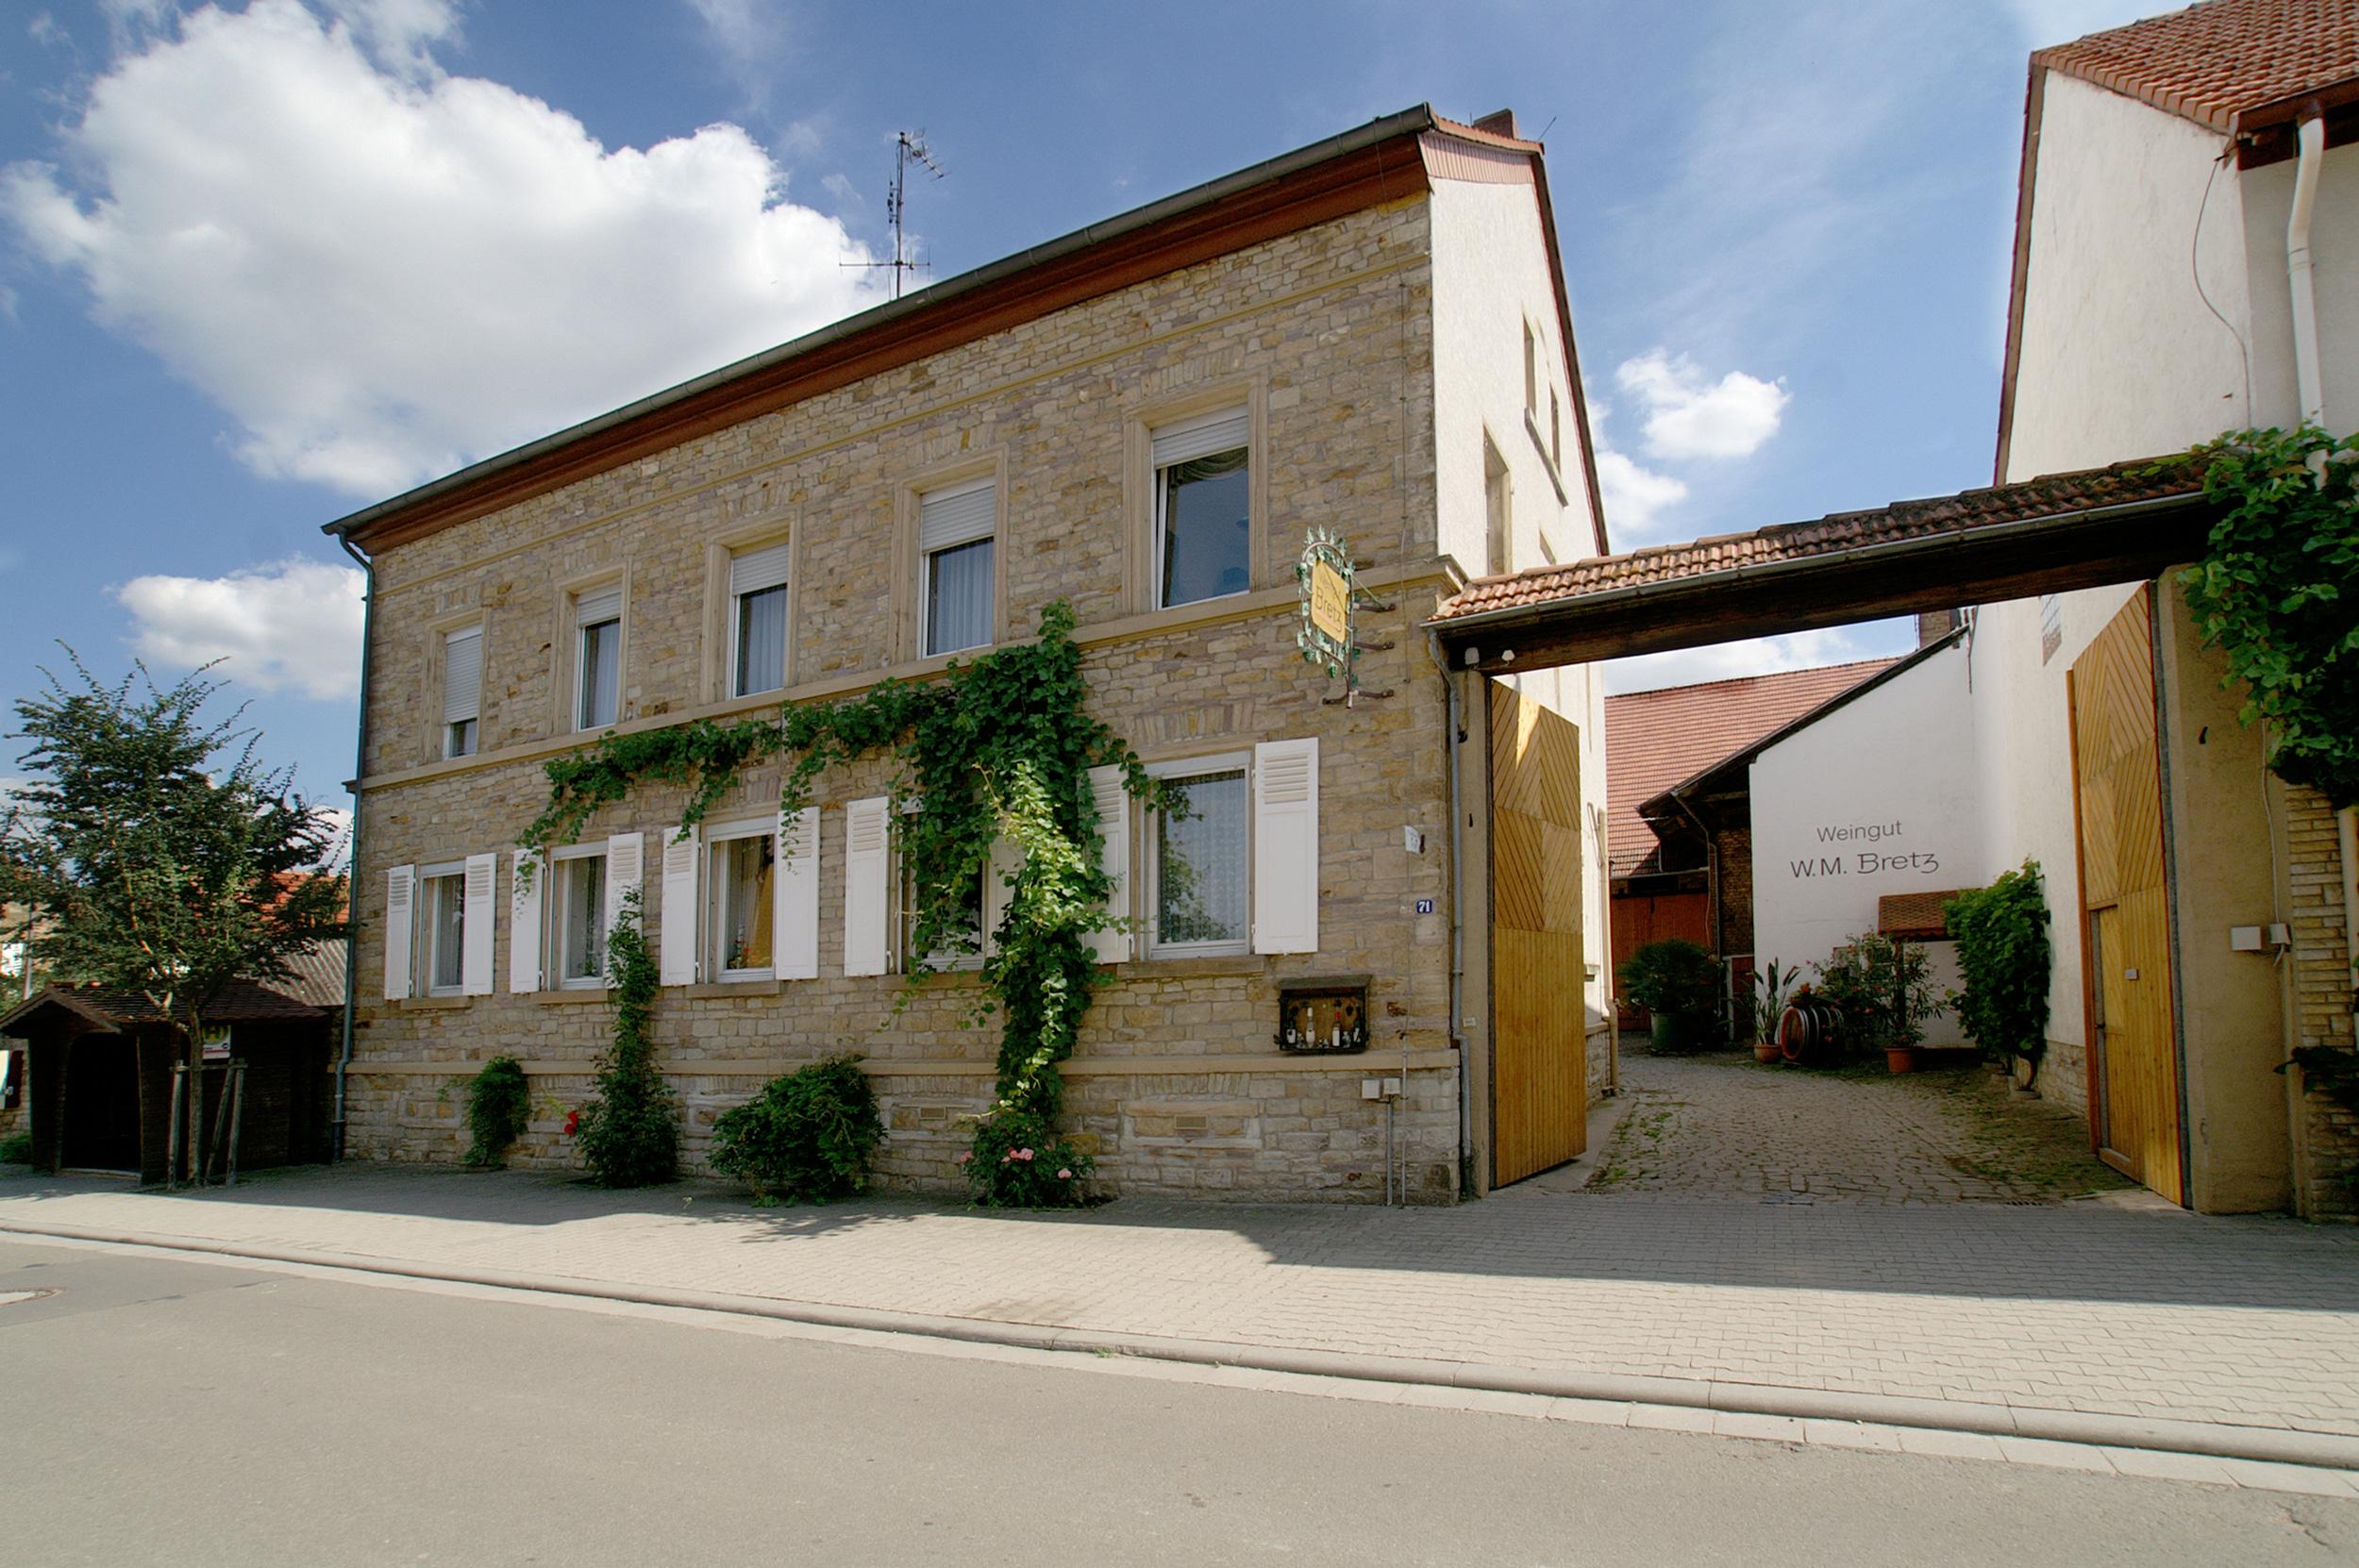 Weingut-Bretz-Haus